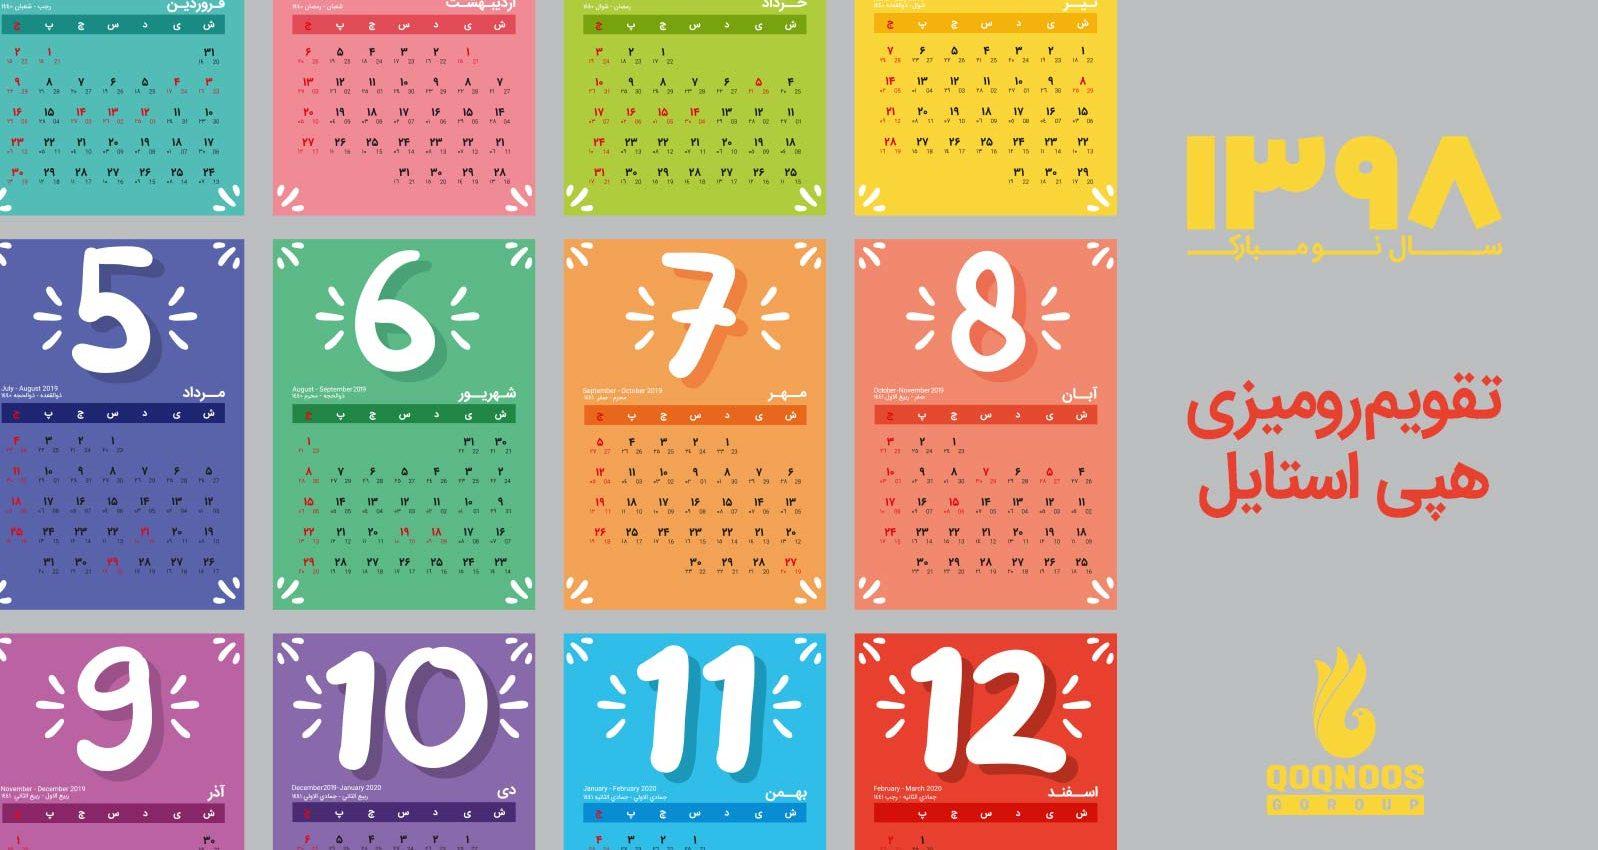 دانلود تقویم رومیزی 98 هپی استایل